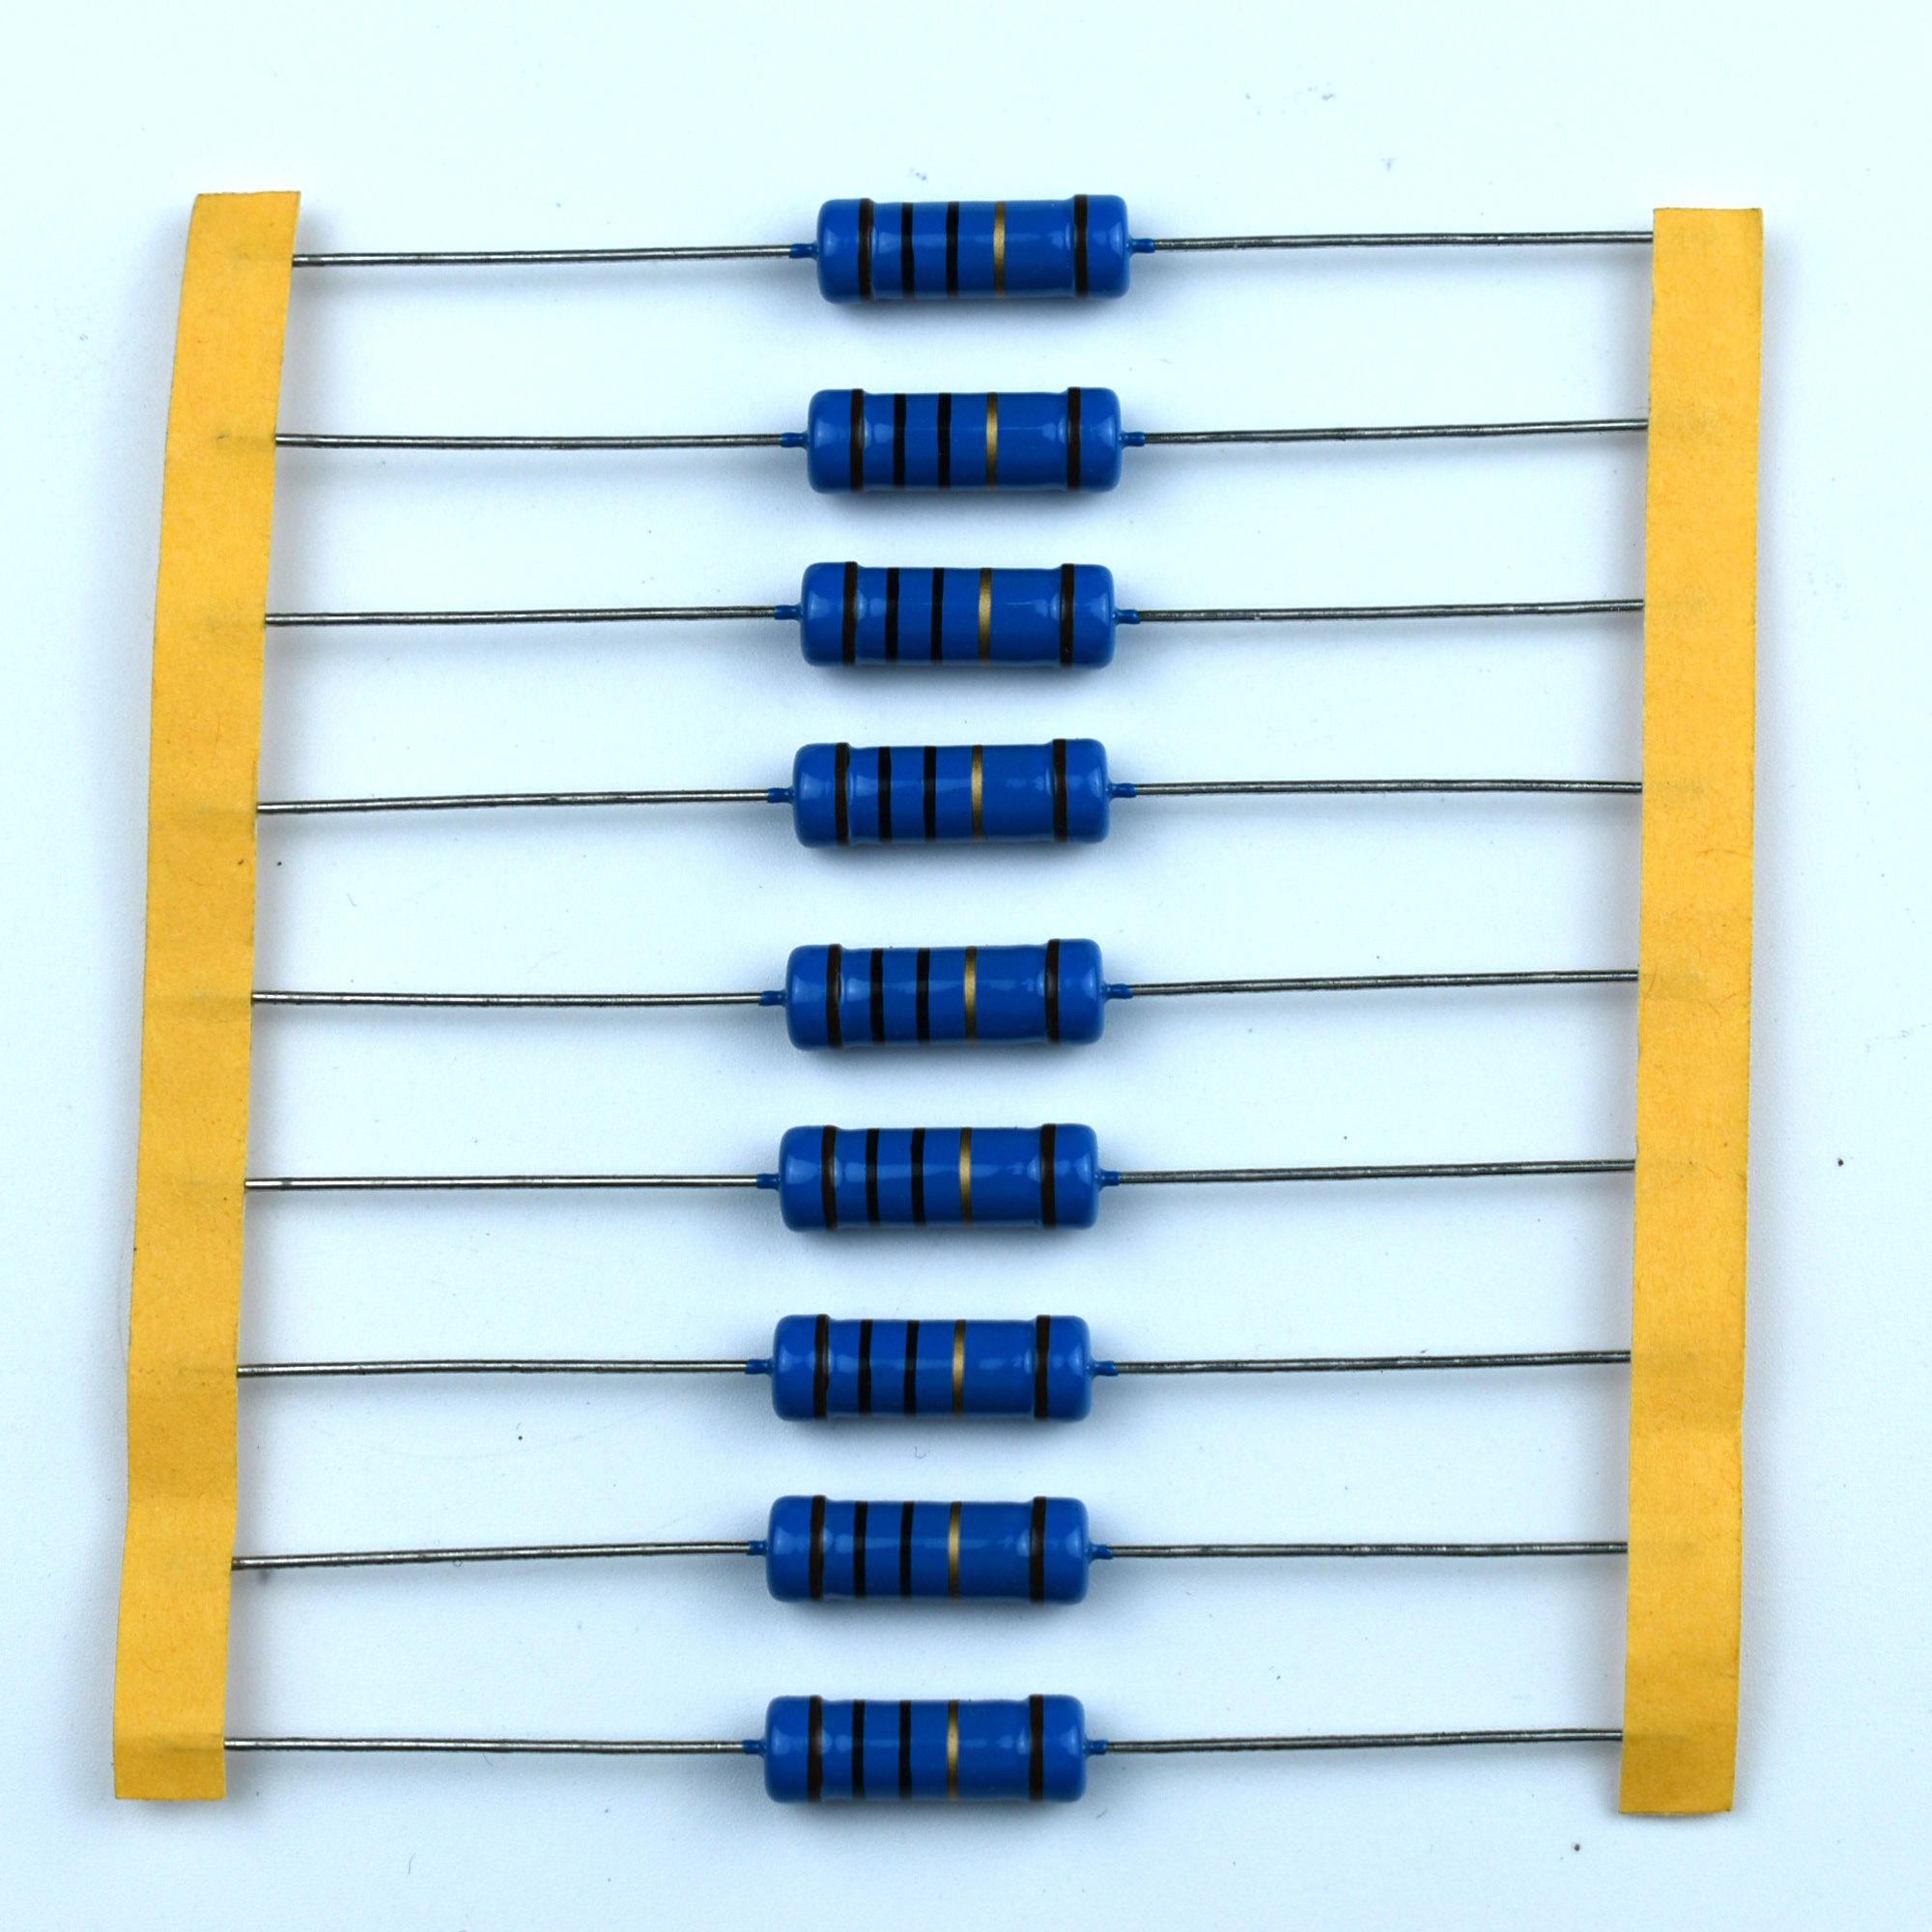 Uhrenwerkzeug Stiftausdr/ücker Uhrmacherwerkzeug Armband Reparatur Uhr Stiftausdr/ücker Mit 3 Stifte